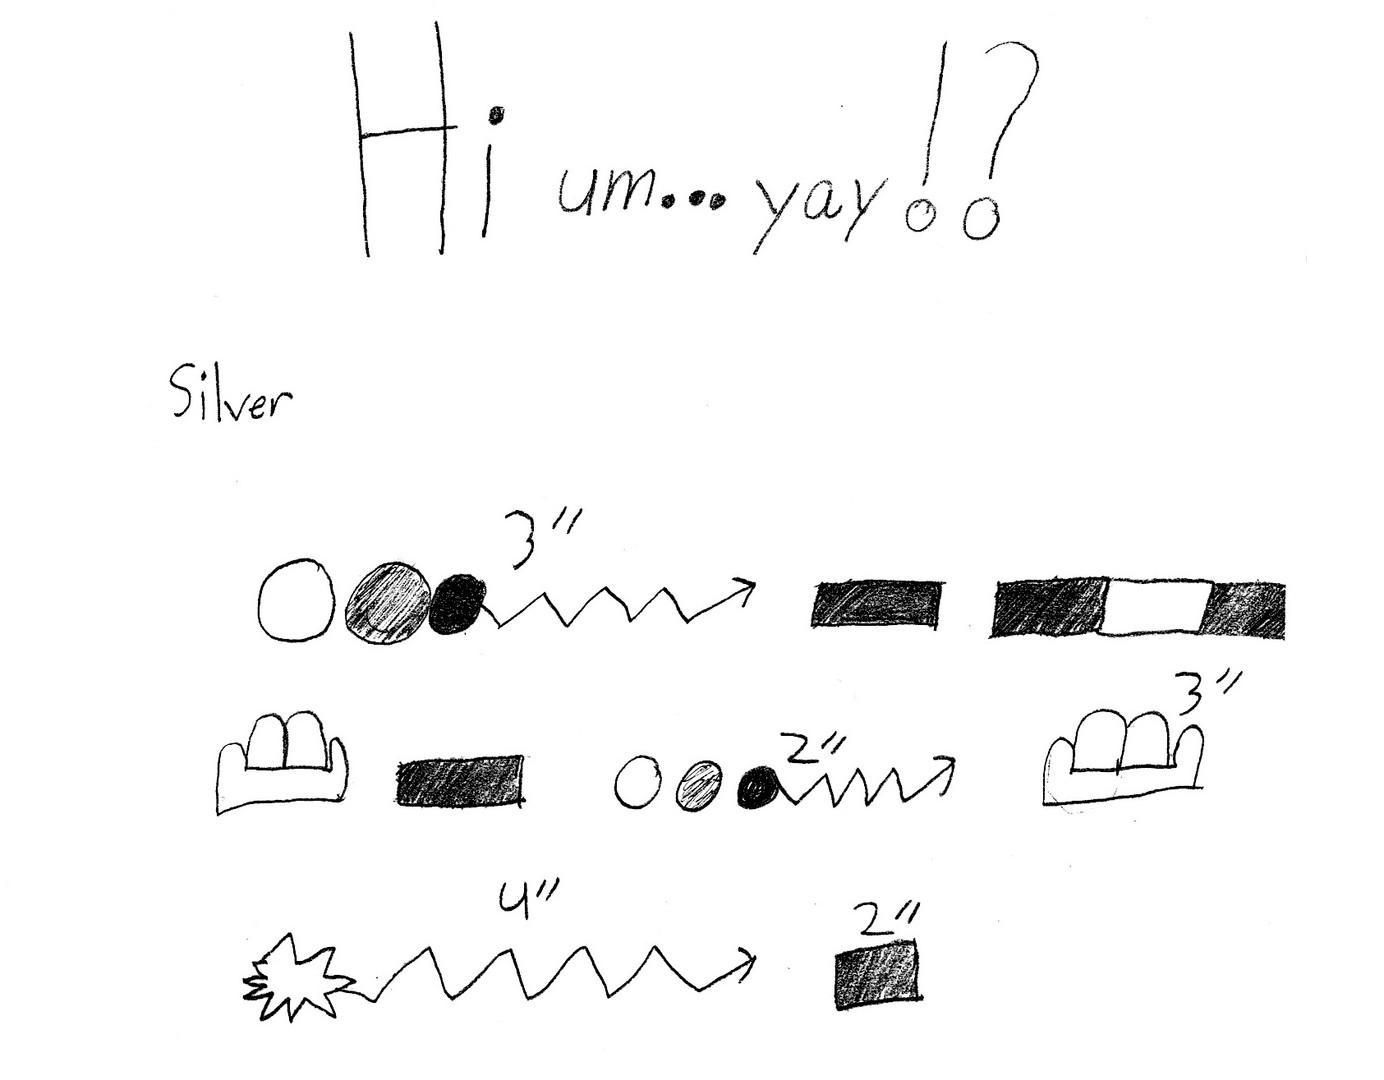 --09 copy 2.jpg